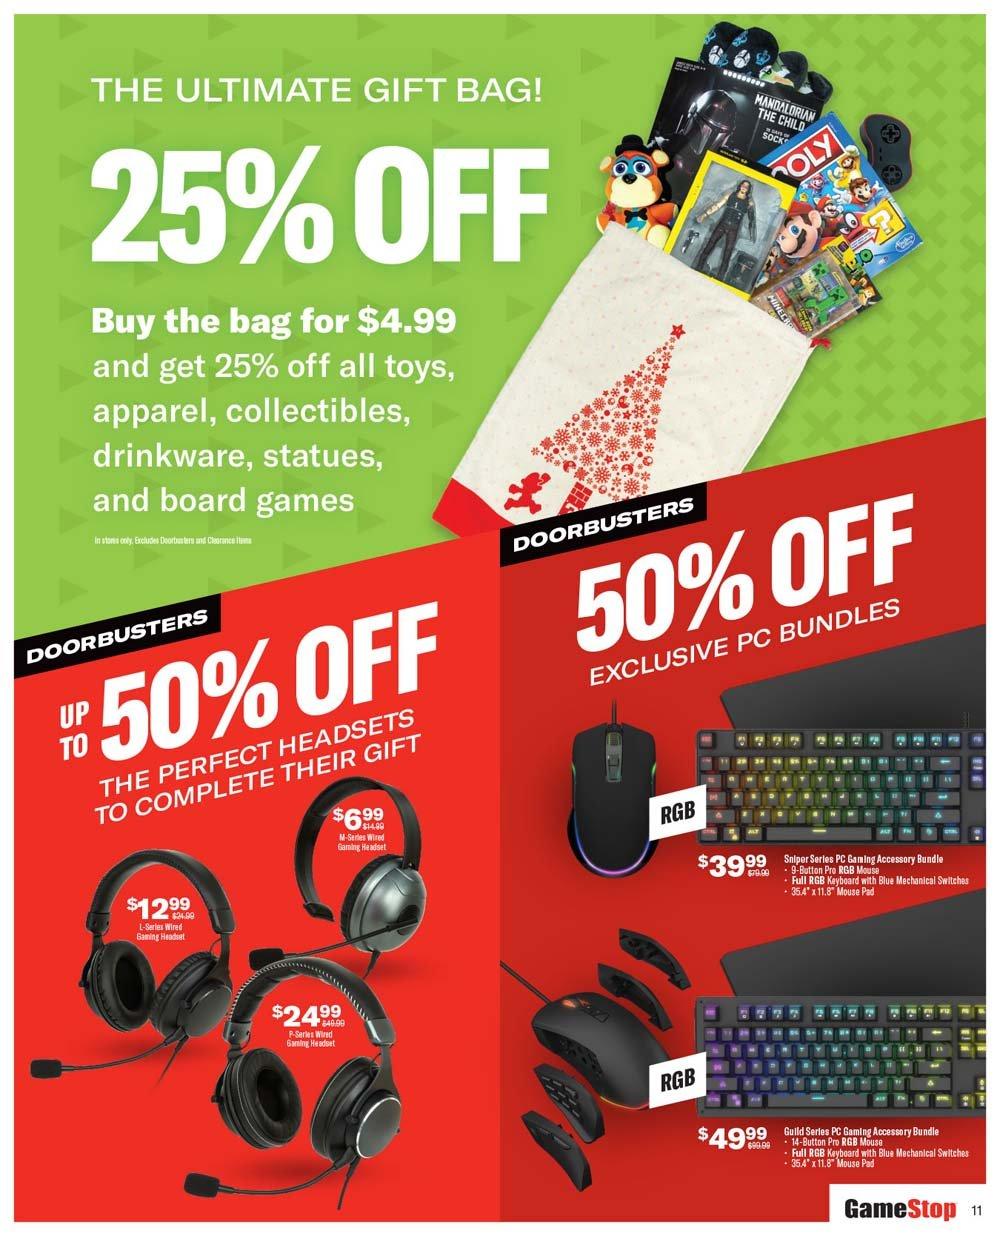 GameStop Black Friday 2020 Page 11